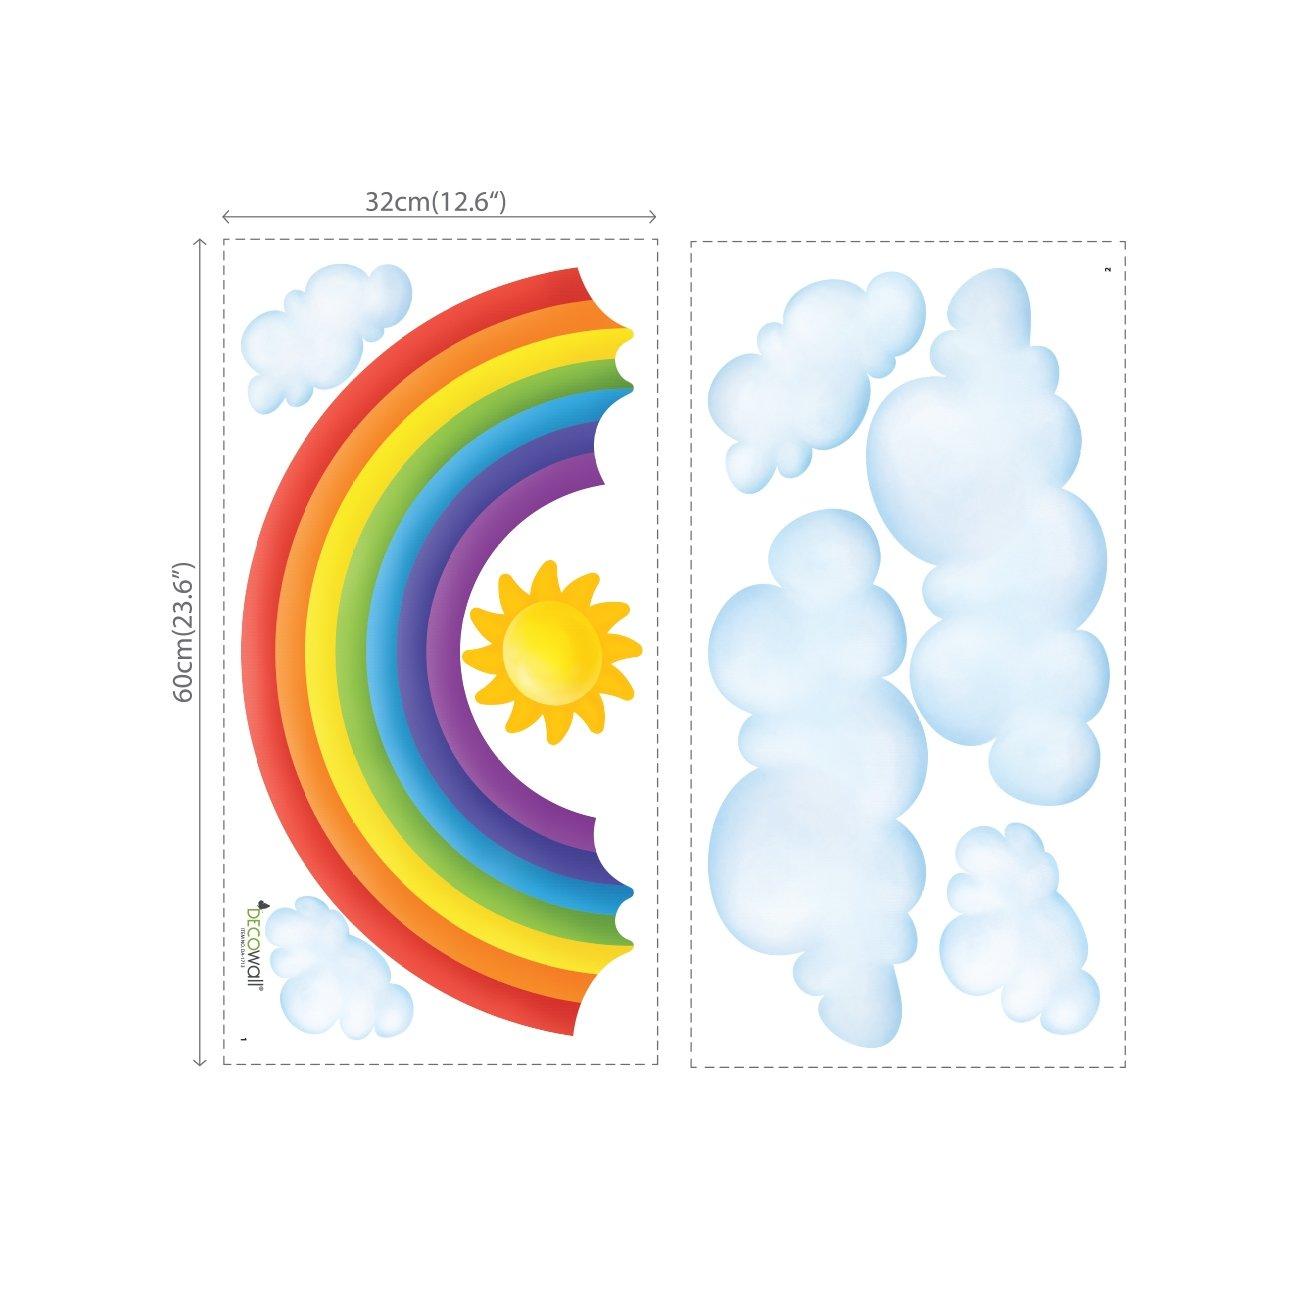 DECOWALL DA-1713P1702 Nubes y Arco Iris Vinilo Pegatinas Decorativas Adhesiva Pared Dormitorio Sal/ón Guarder/ía Habitaci/ón Infantiles Ni/ños Beb/és